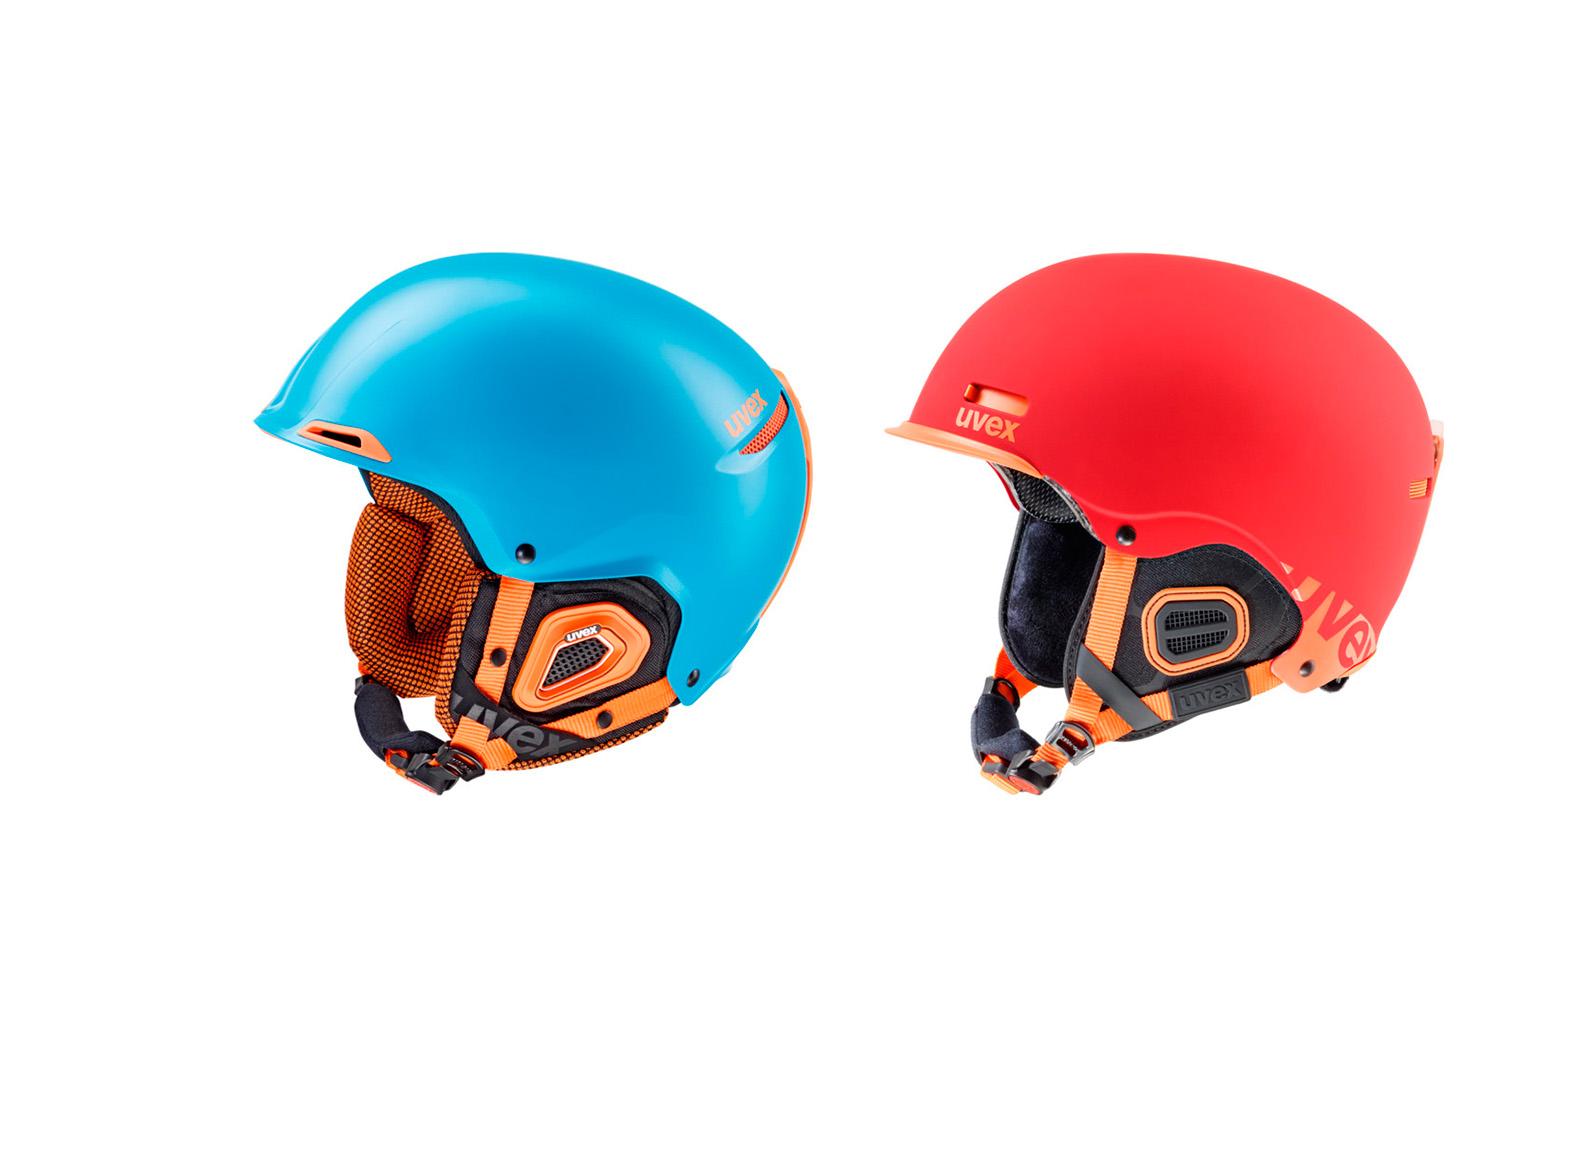 Protection-ski-snb-helmet-helm-kinder-kids-jugend-Rent-sport-SAILER-Seefeld-Rosshuette-Tirol-Oesterreich-003